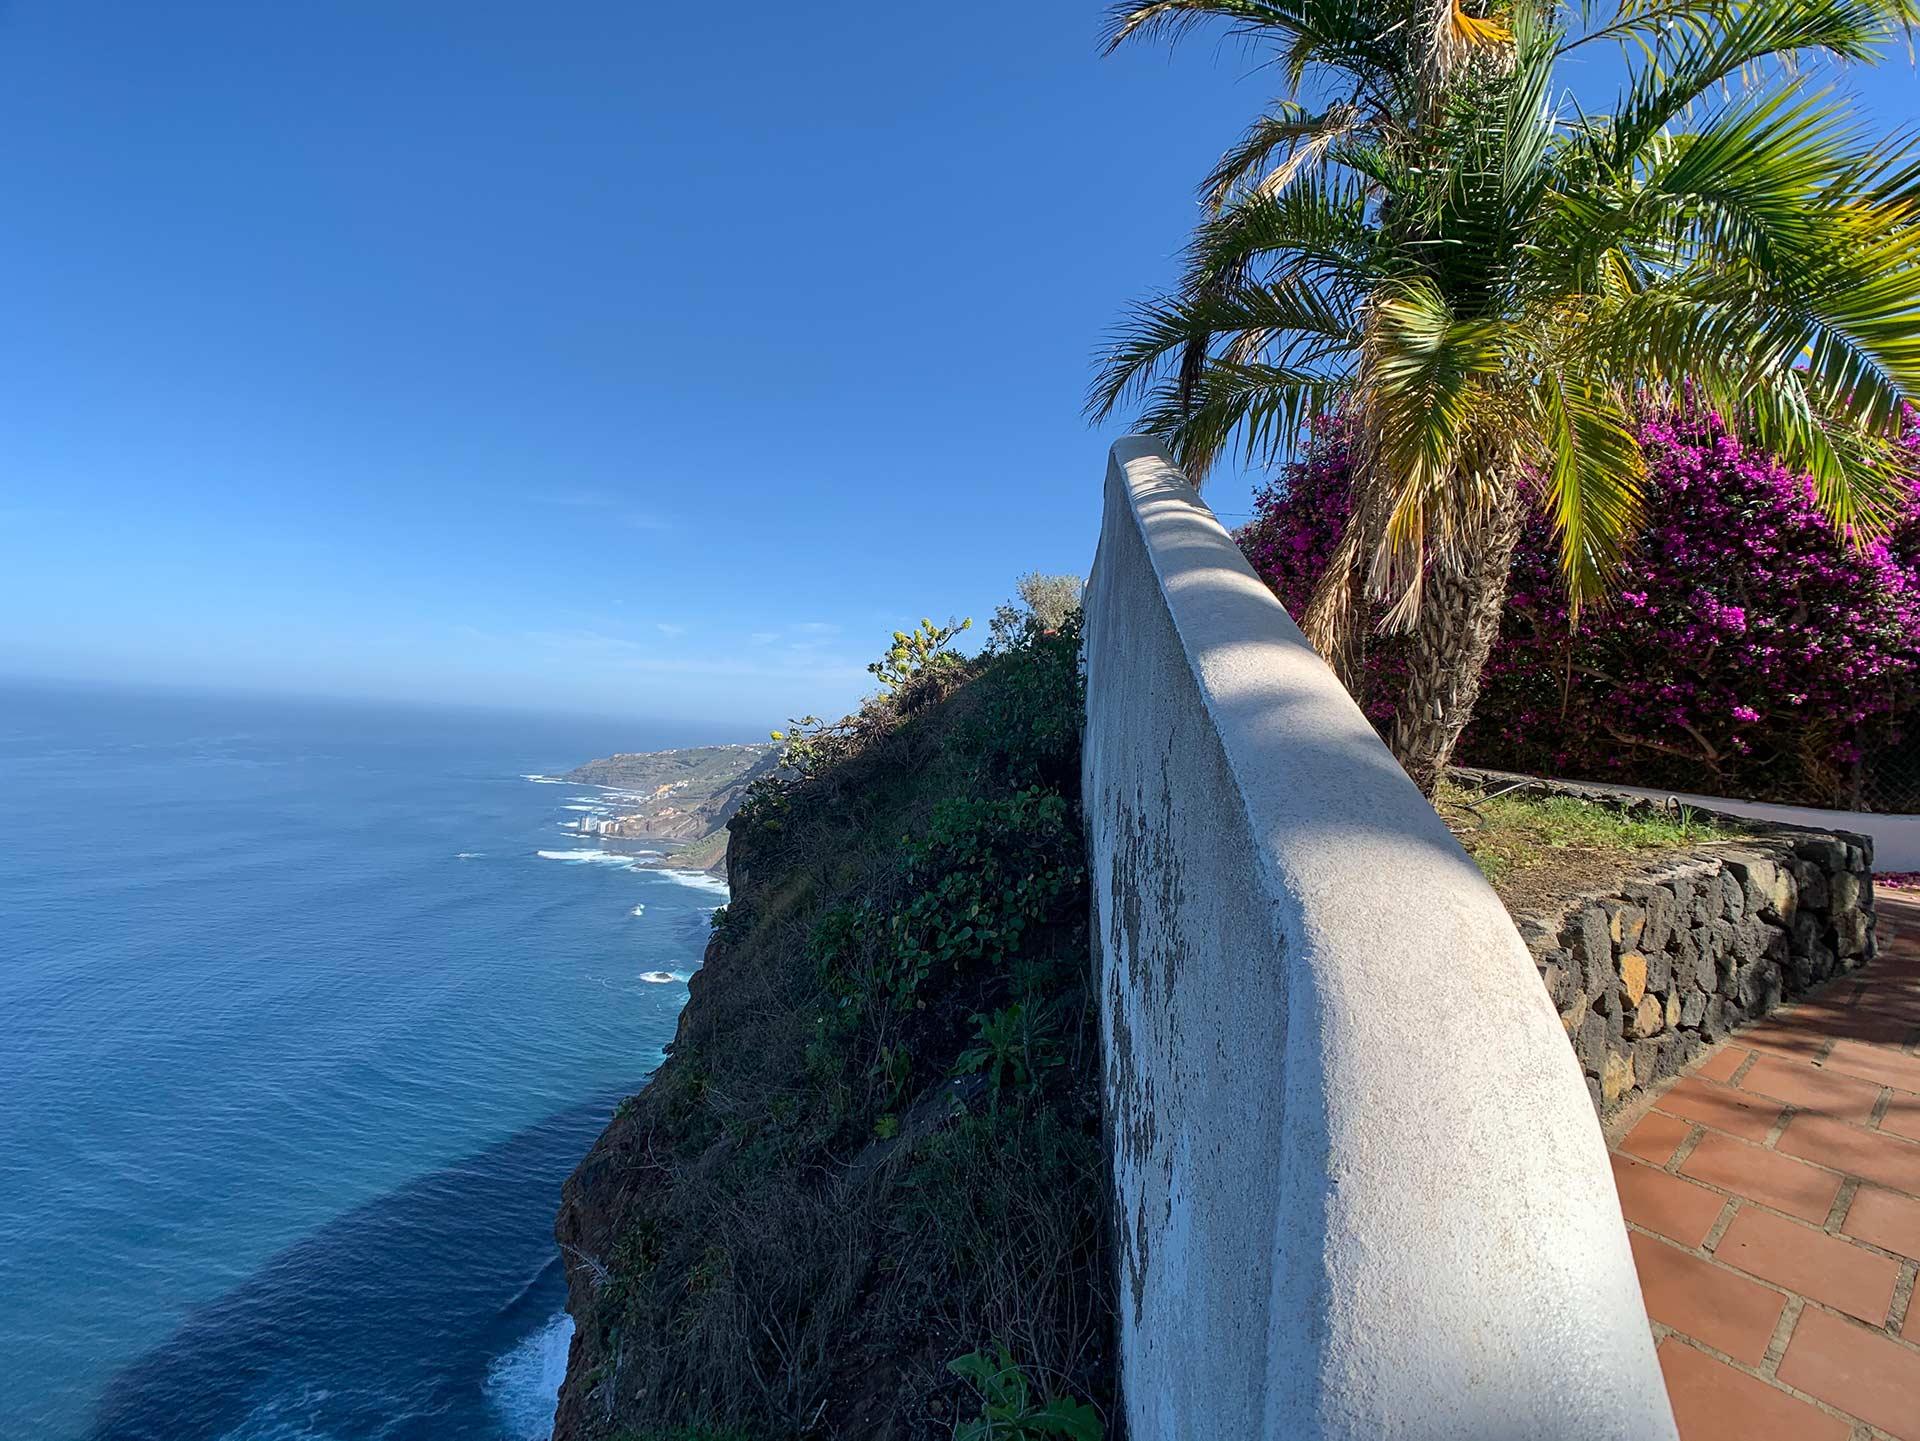 weiße Mauer vor einer Steilküste mit Blick auf das Meer im Hintergrund Dattelpalme